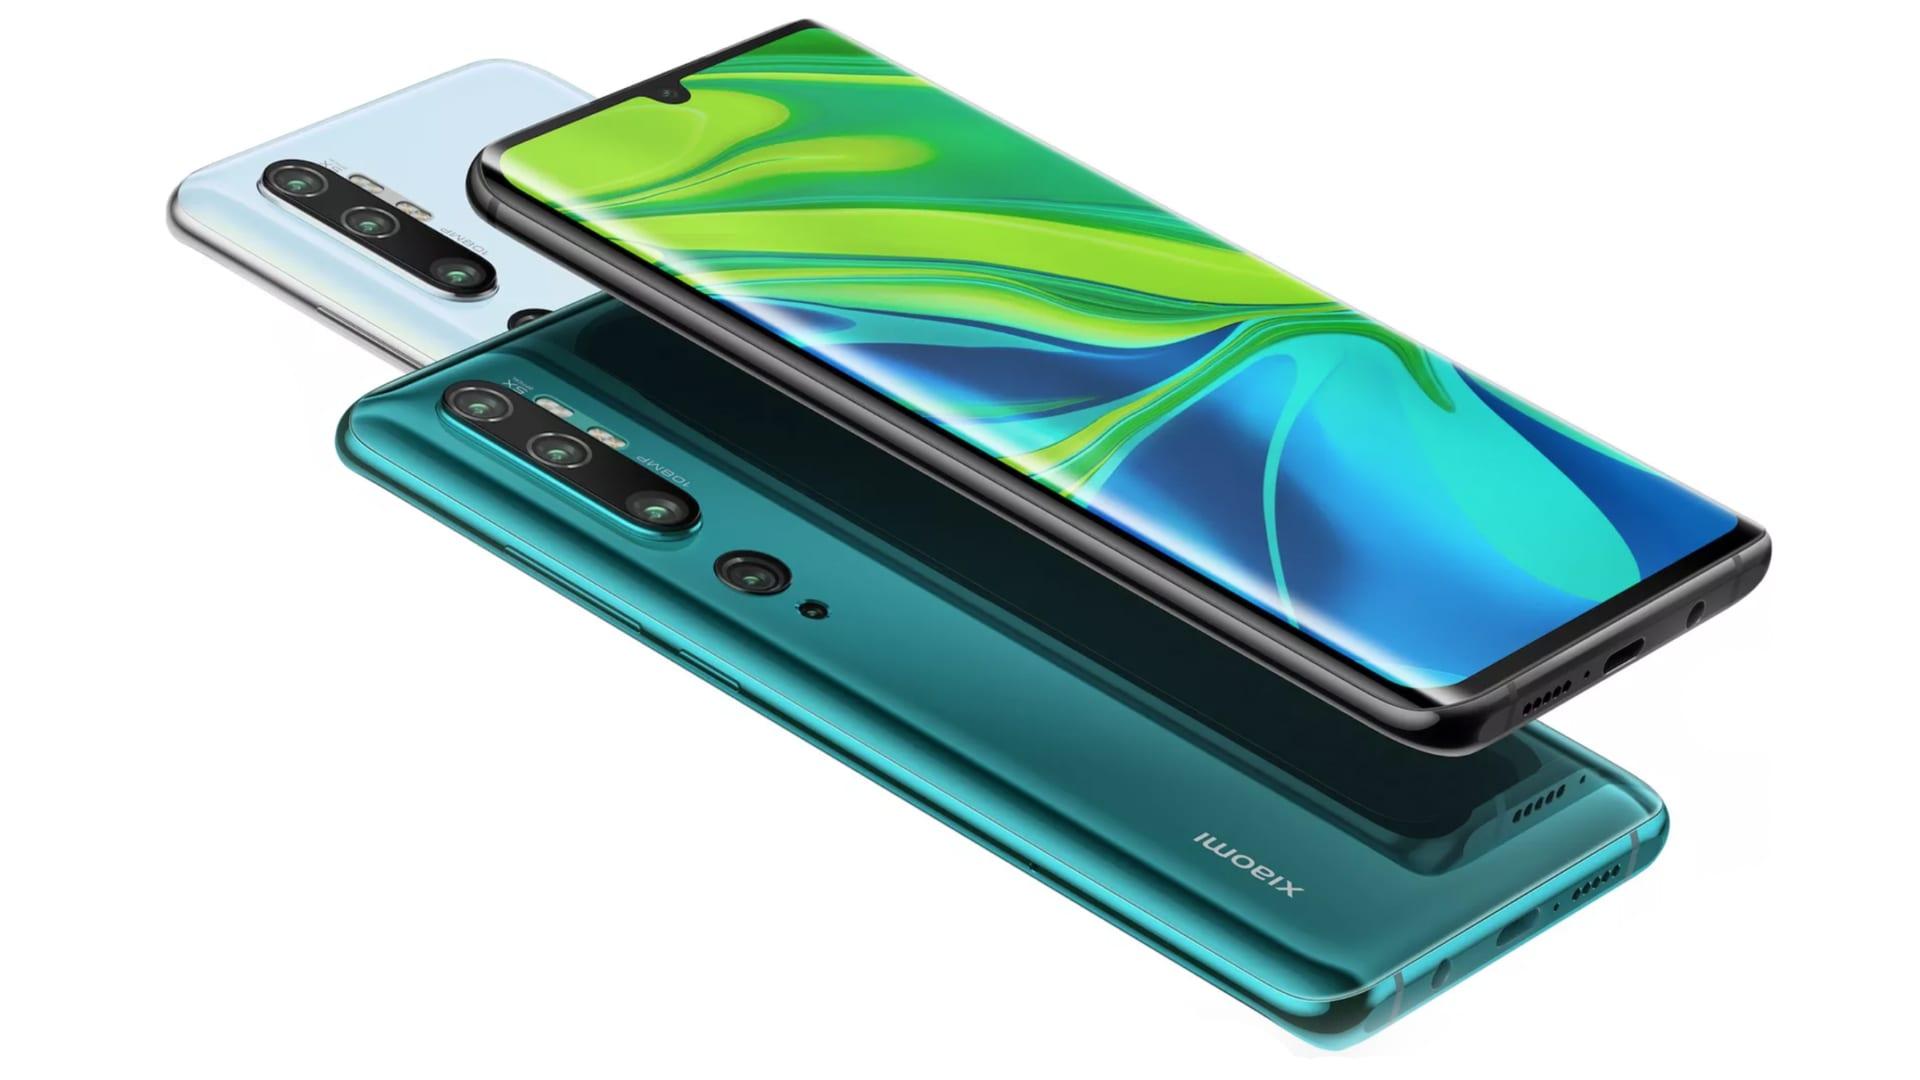 نائب الرئيس التنفيذي لشركة Xiaomi يؤكد قدوم الهاتف Xiaomi Mi 10 Pro